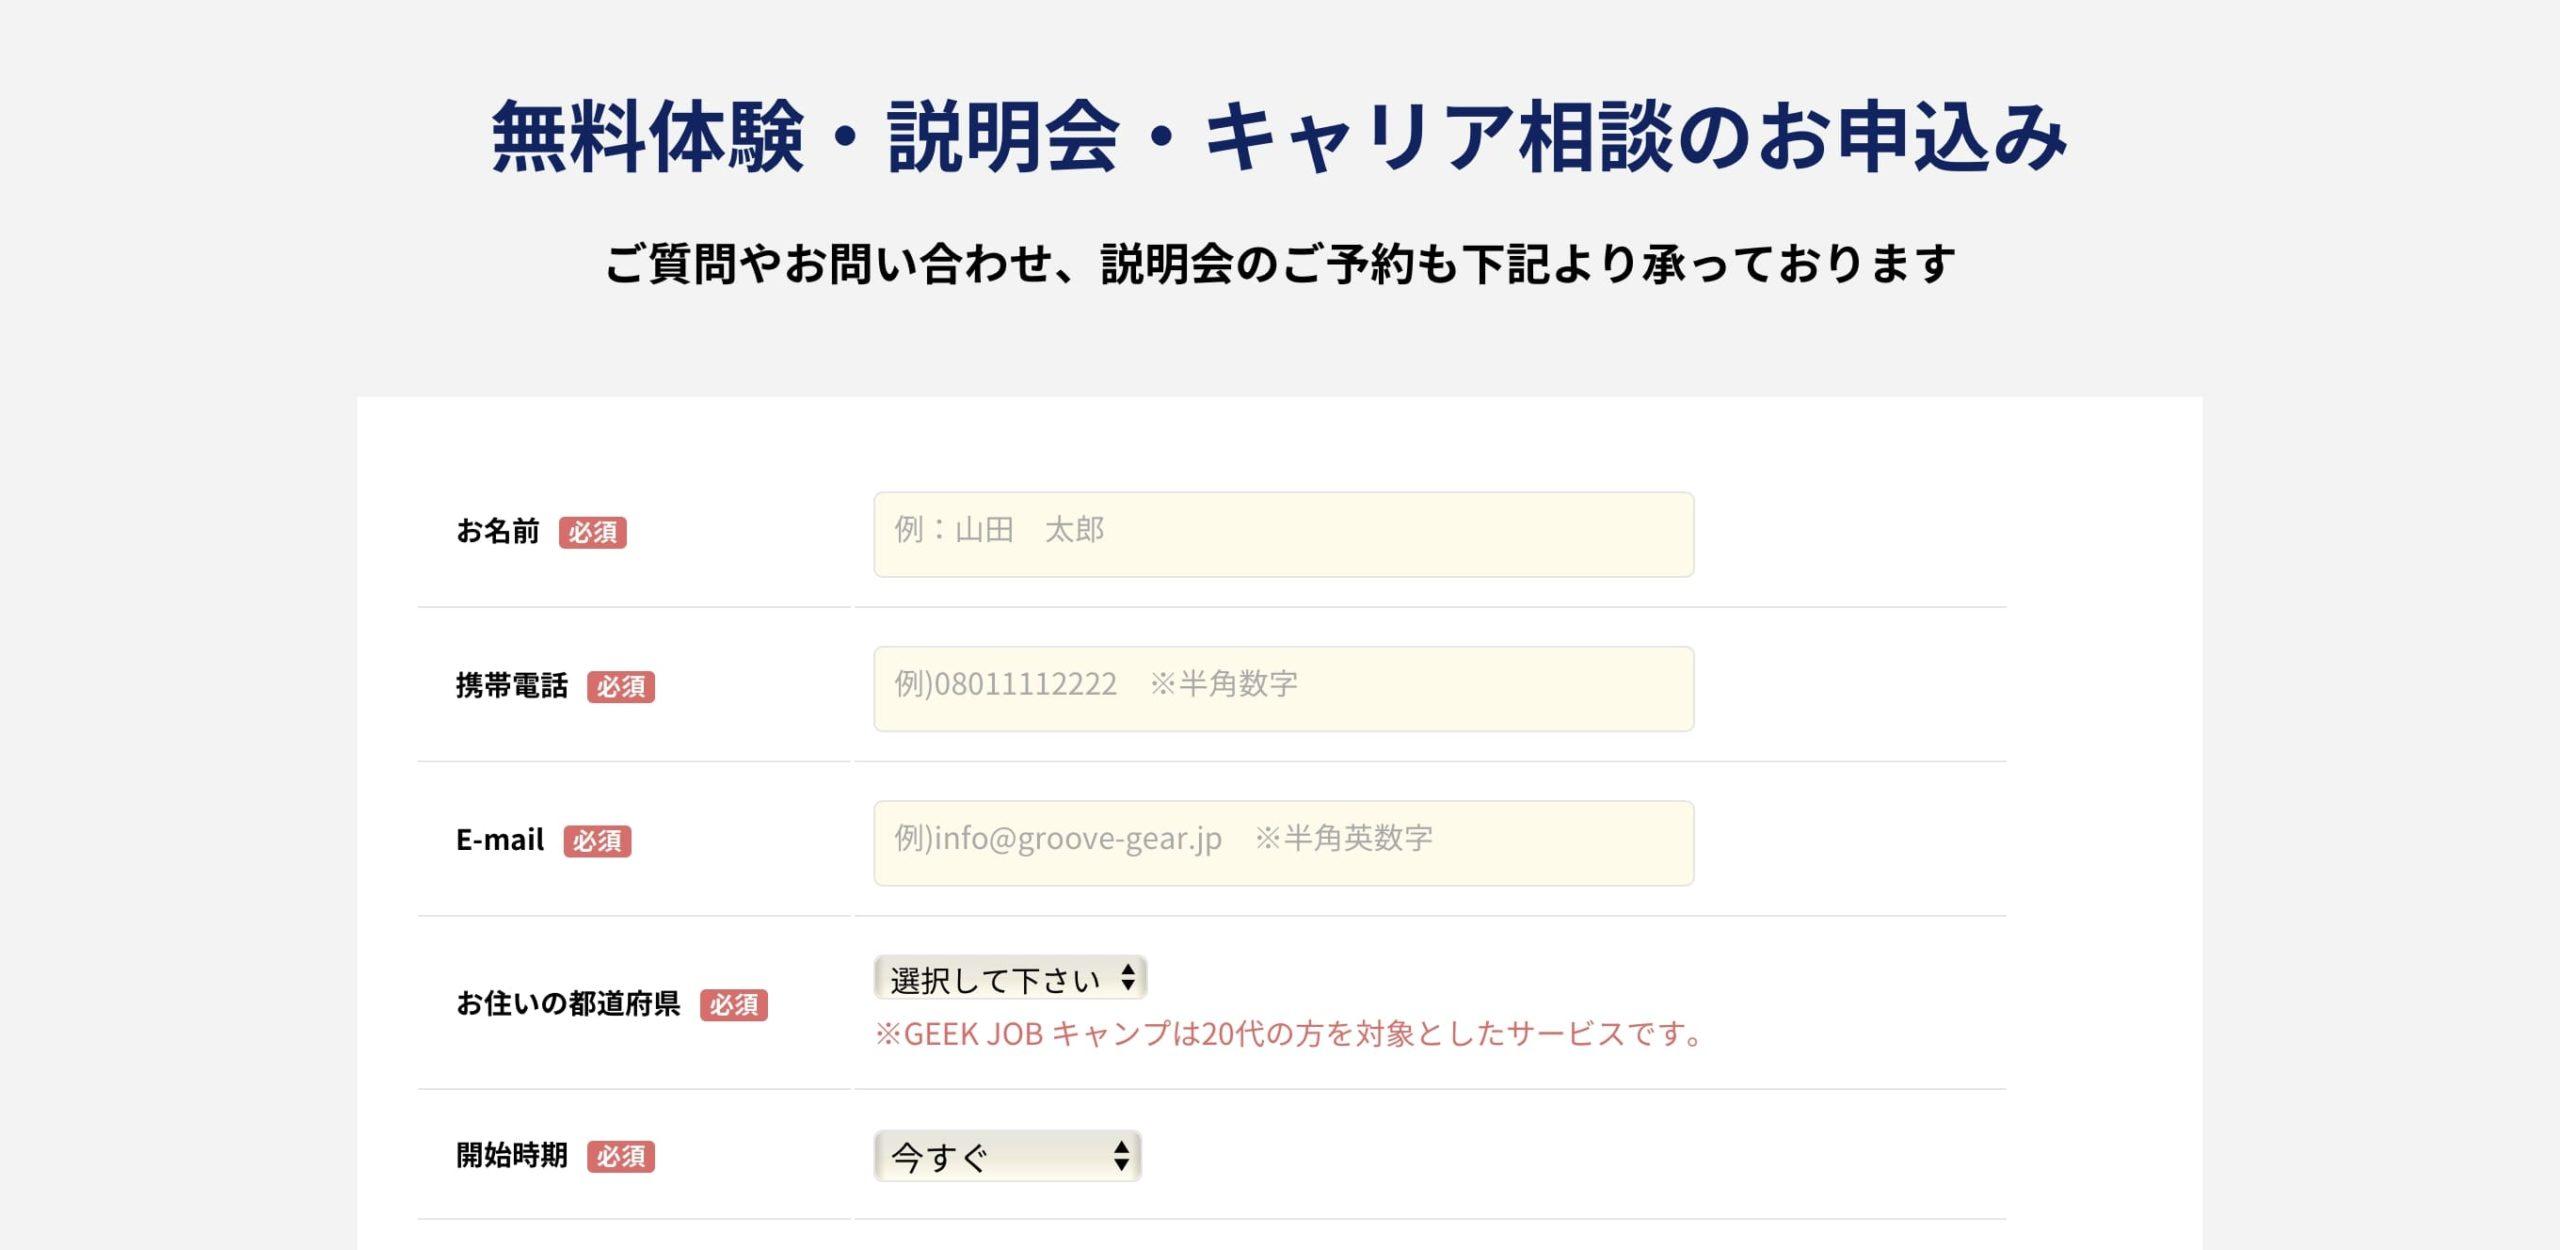 GEEKJOBのプロフィール入力ページNO1